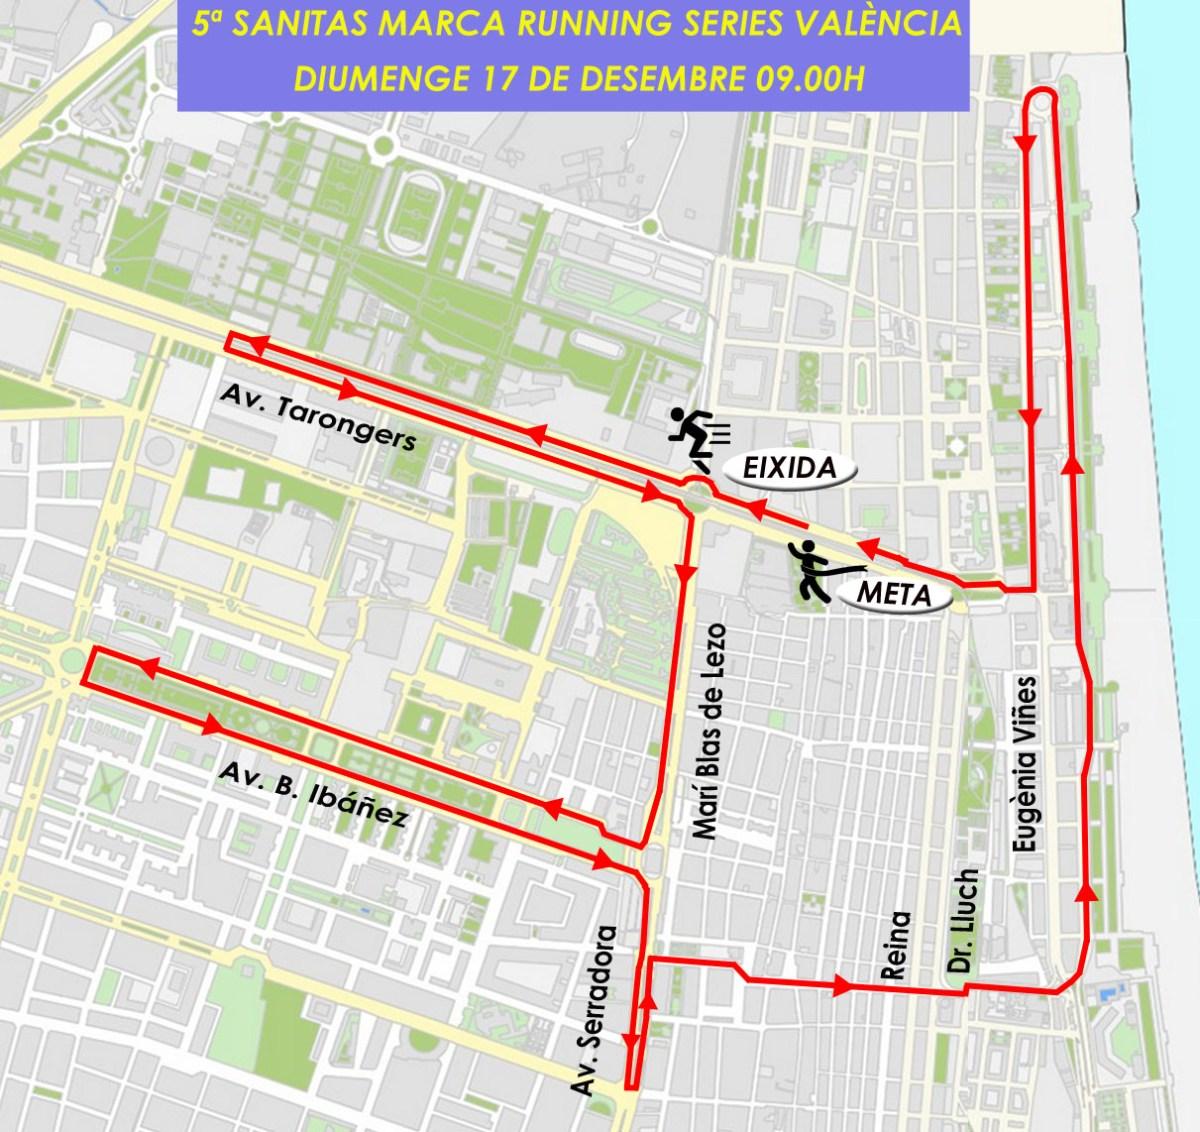 TRÁFICO| Estas son las calles cortadas en València este domingo